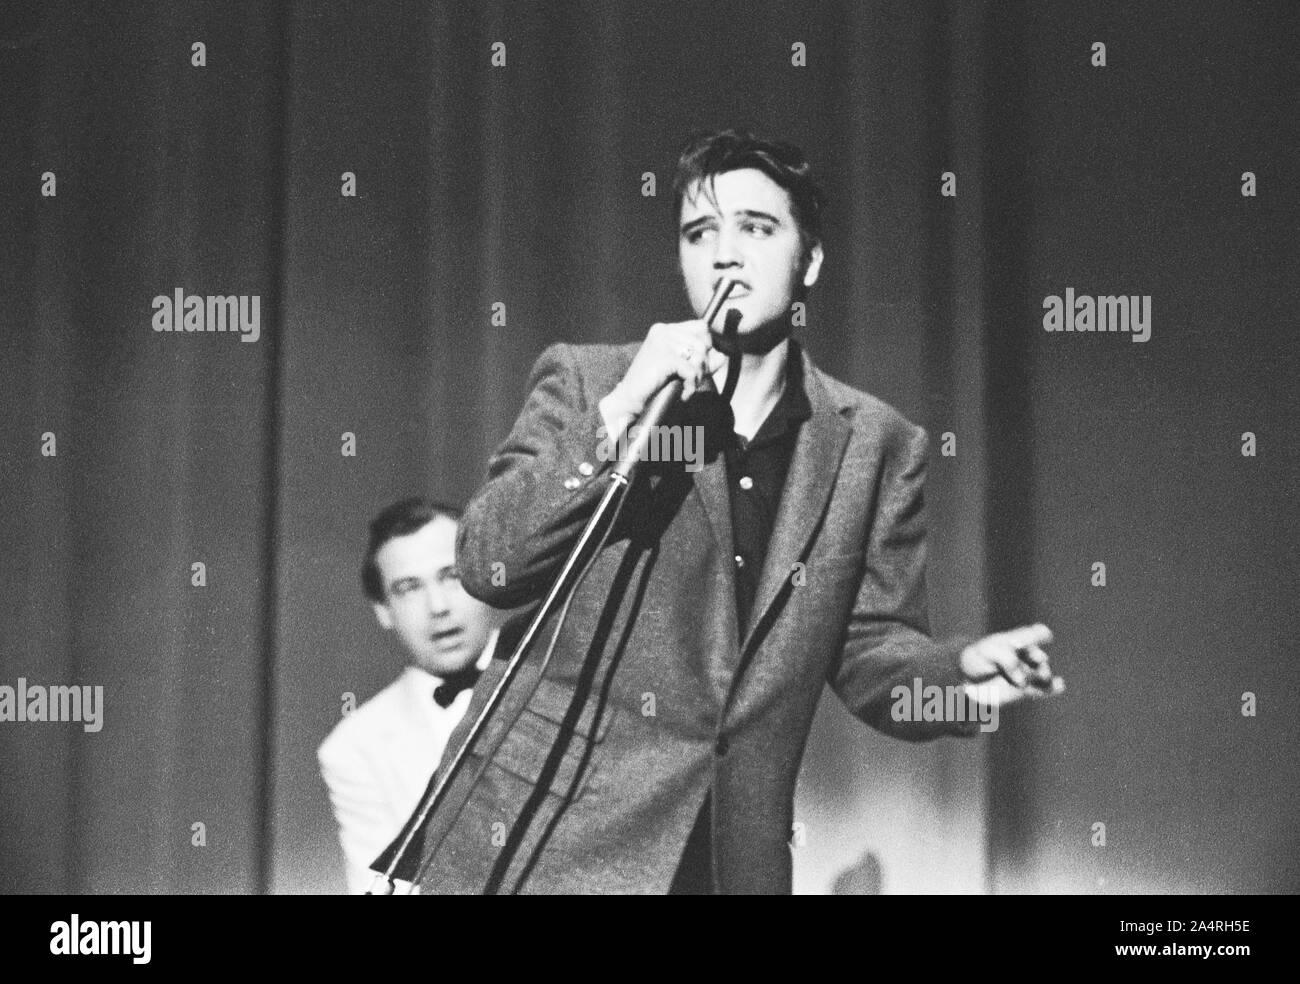 Elvis Presley am 26. Mai 1956. Die Leistung nahm im Memorial Auditorium der Veteran, Columbus, Ohio statt. Stockfoto